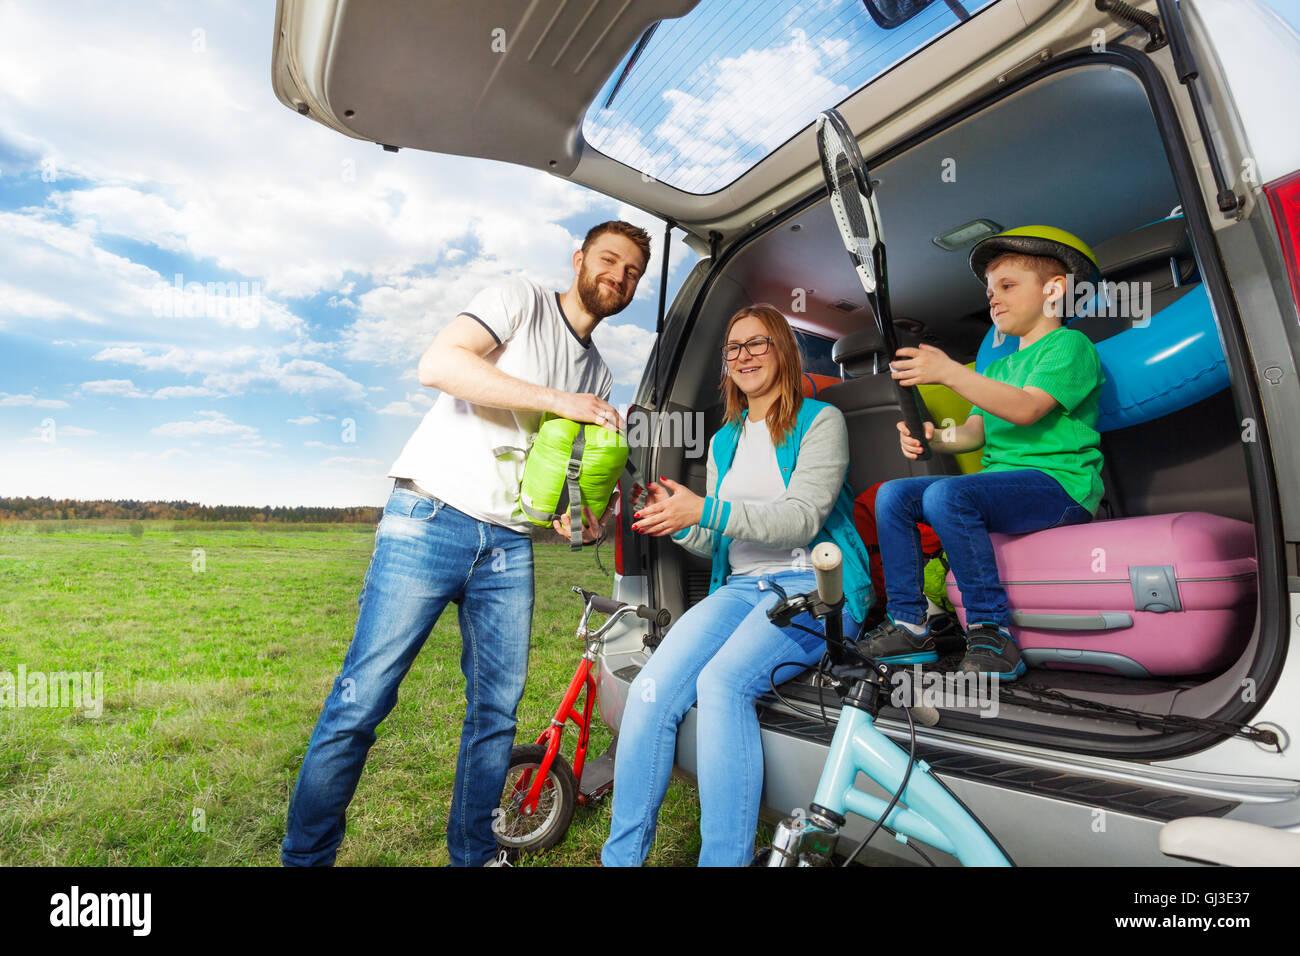 Junge Familie laden Kofferraum für die Autofahrt Stockbild